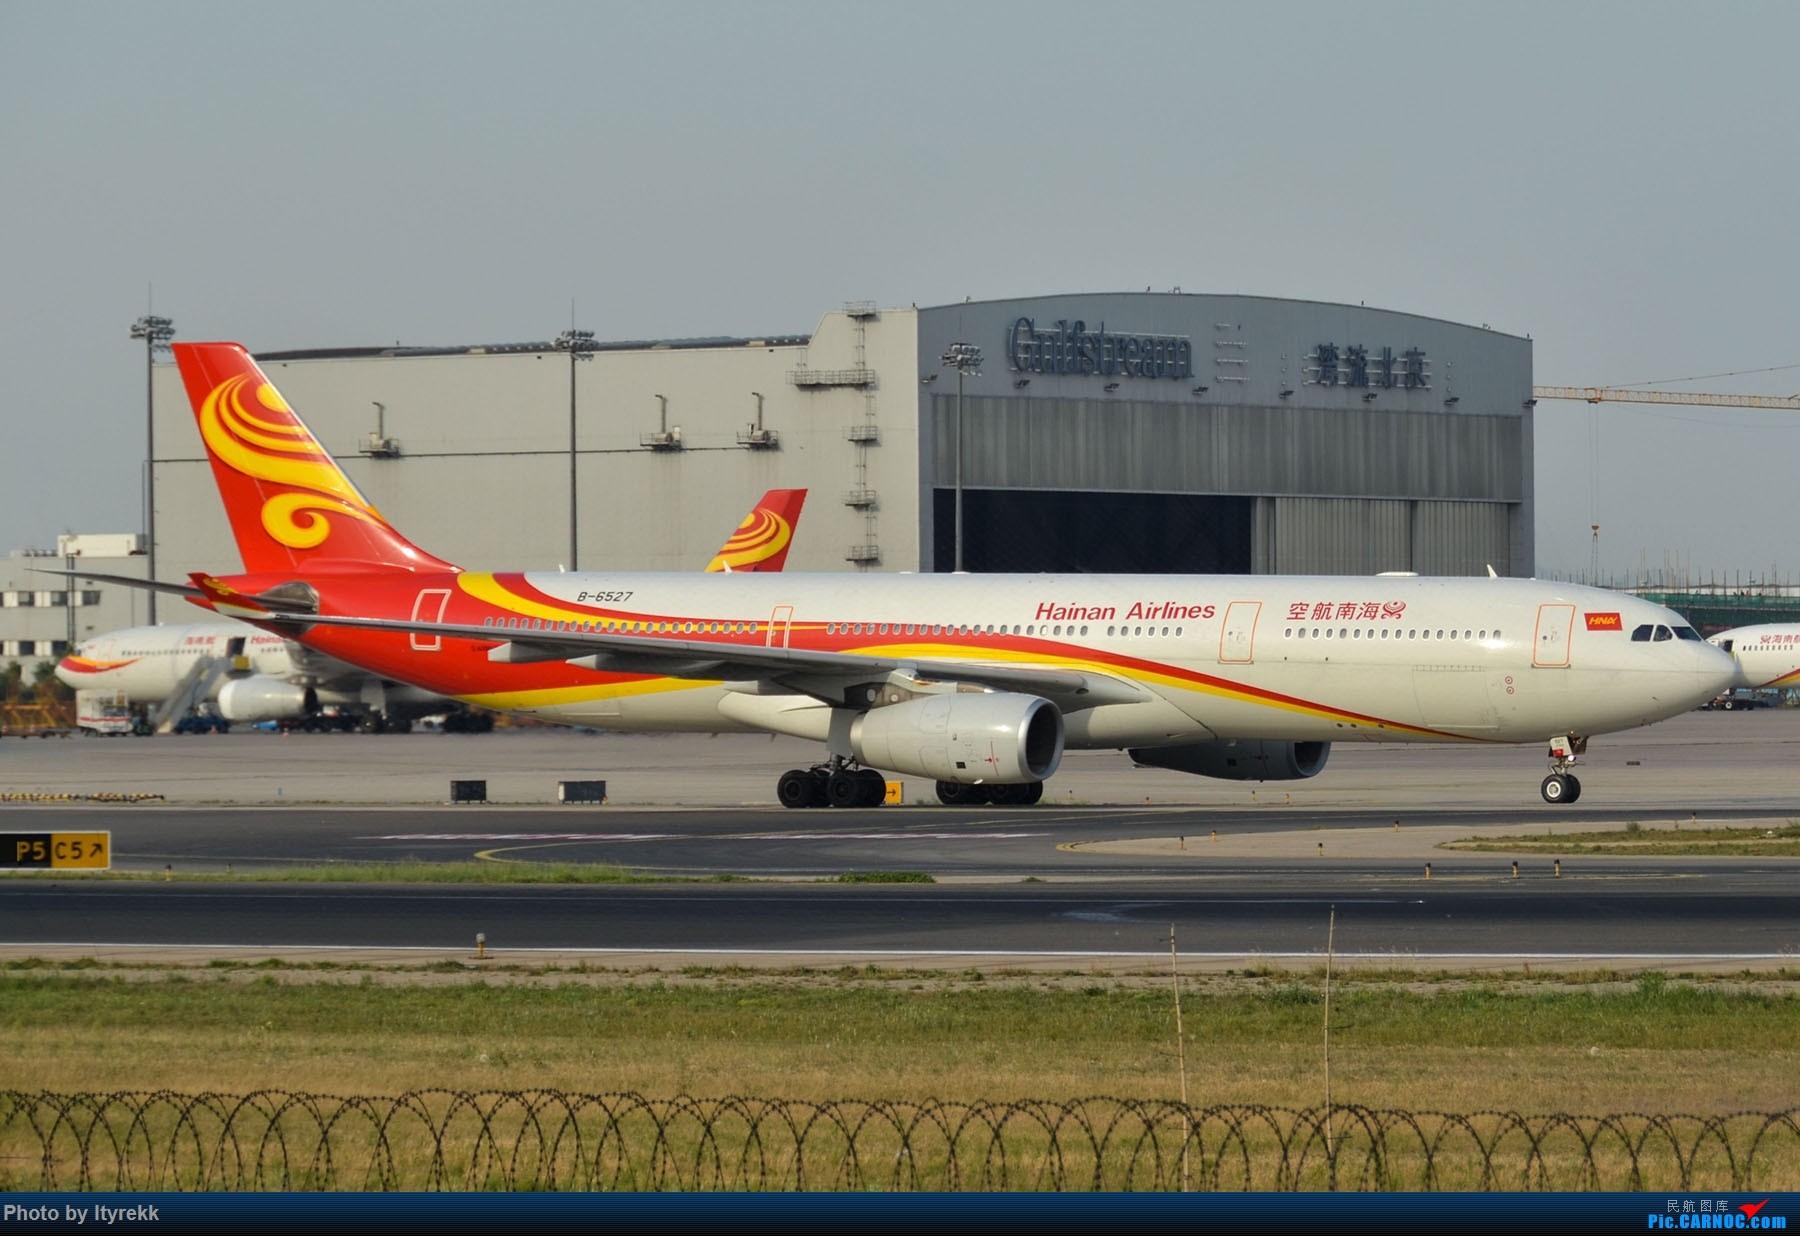 Re:[原创]很久没有发图了。PEK二十里铺的一下午 AIRBUS A330-300 B-6527 中国北京首都国际机场